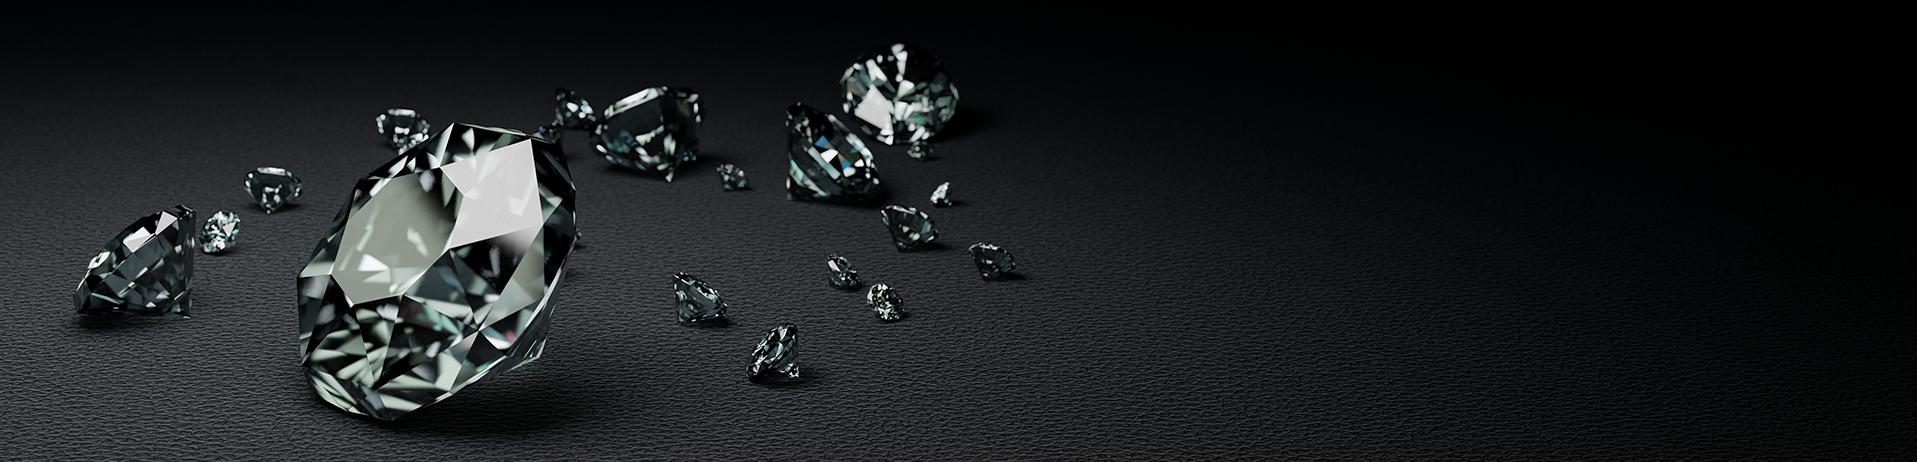 acheter diamants en suisse